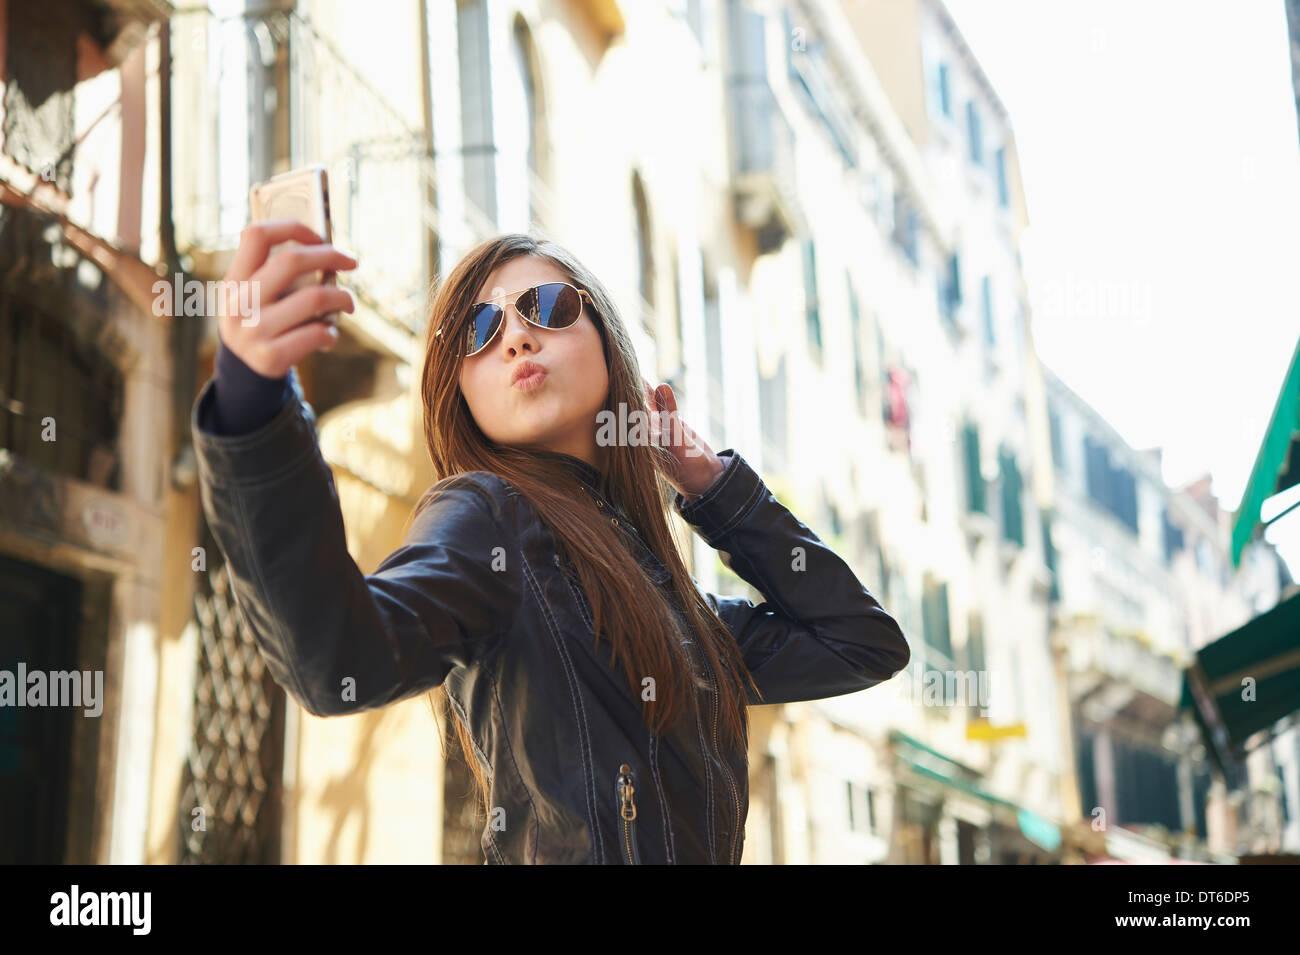 Chica teniendo selfie en smartphone, Venecia, Italia Foto de stock